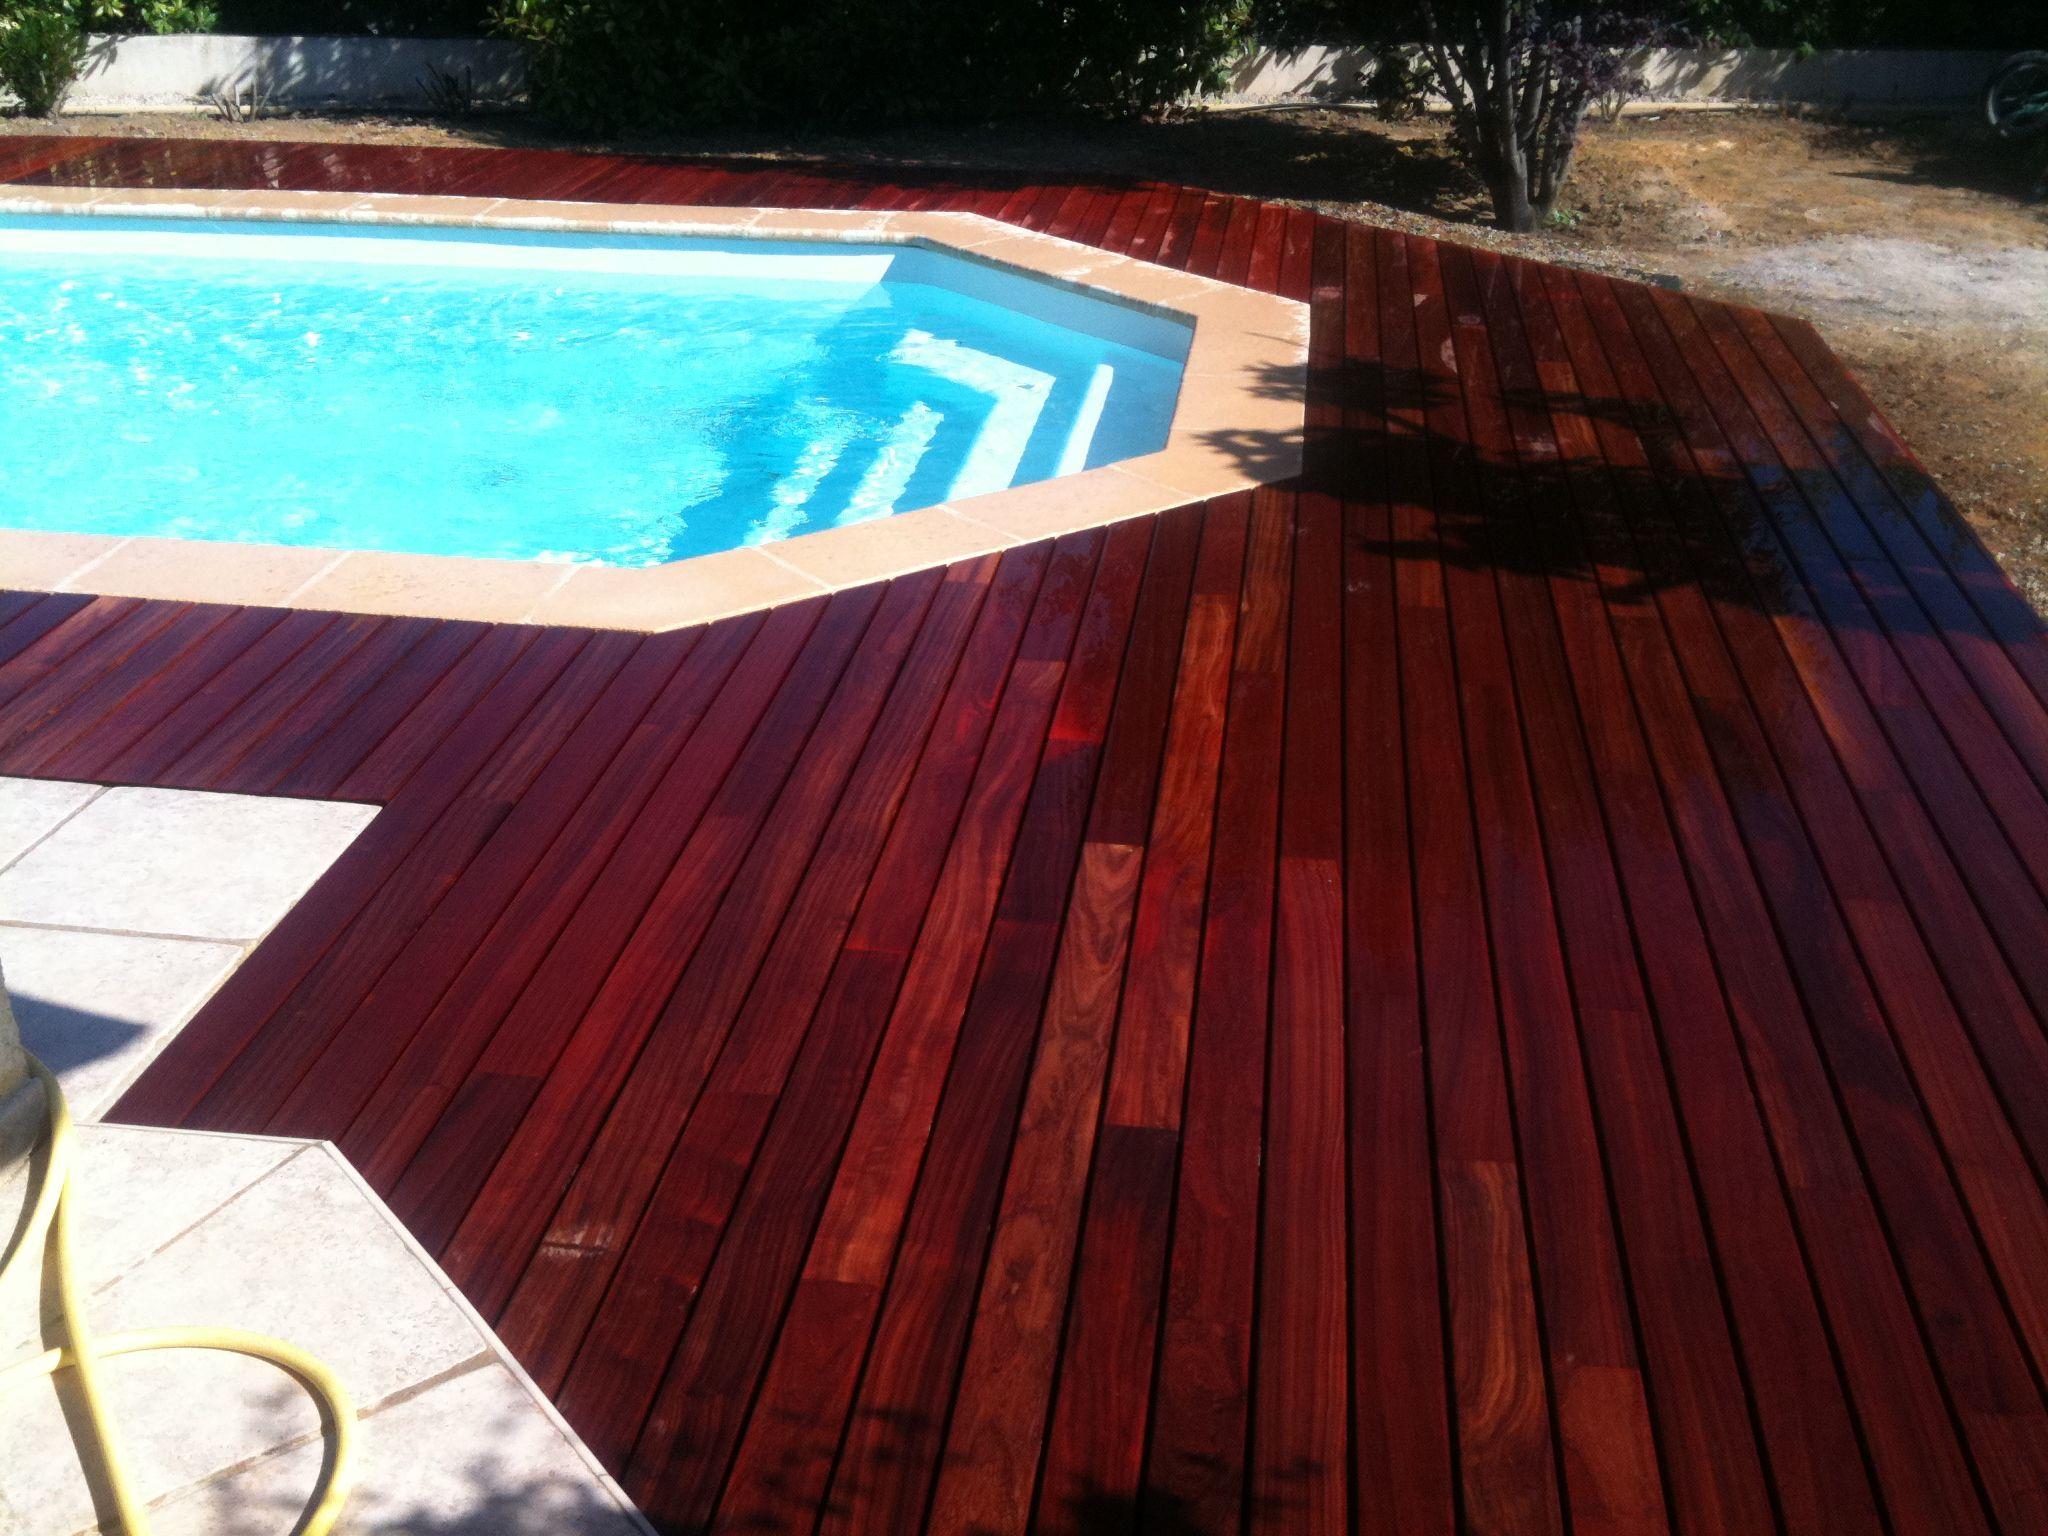 terrasse de piscine en padouk visserie cachà e avec margelle